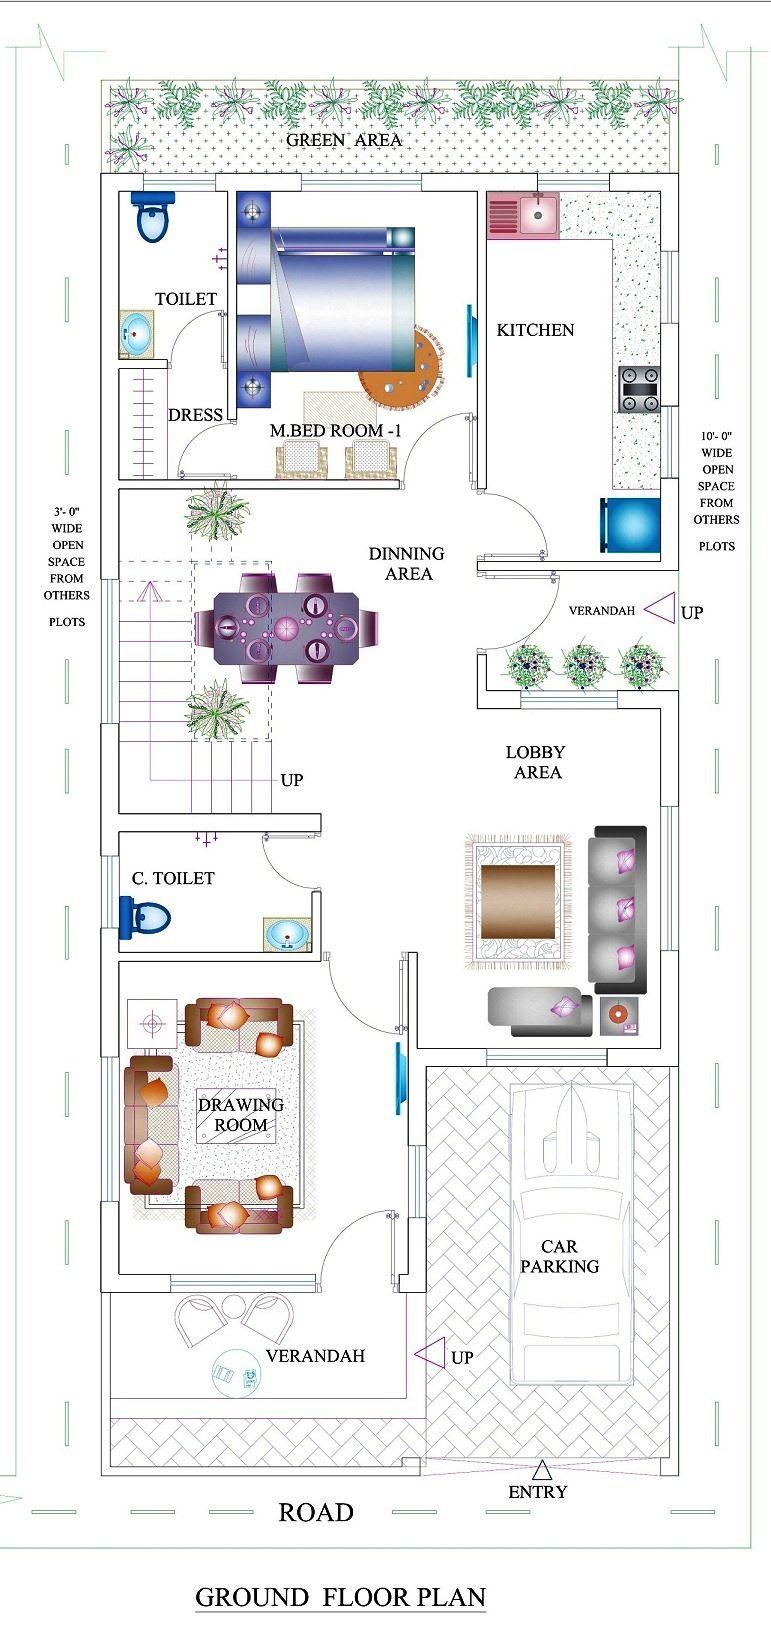 Apna ghar house design home plan floor plan indian for Indian ghar design